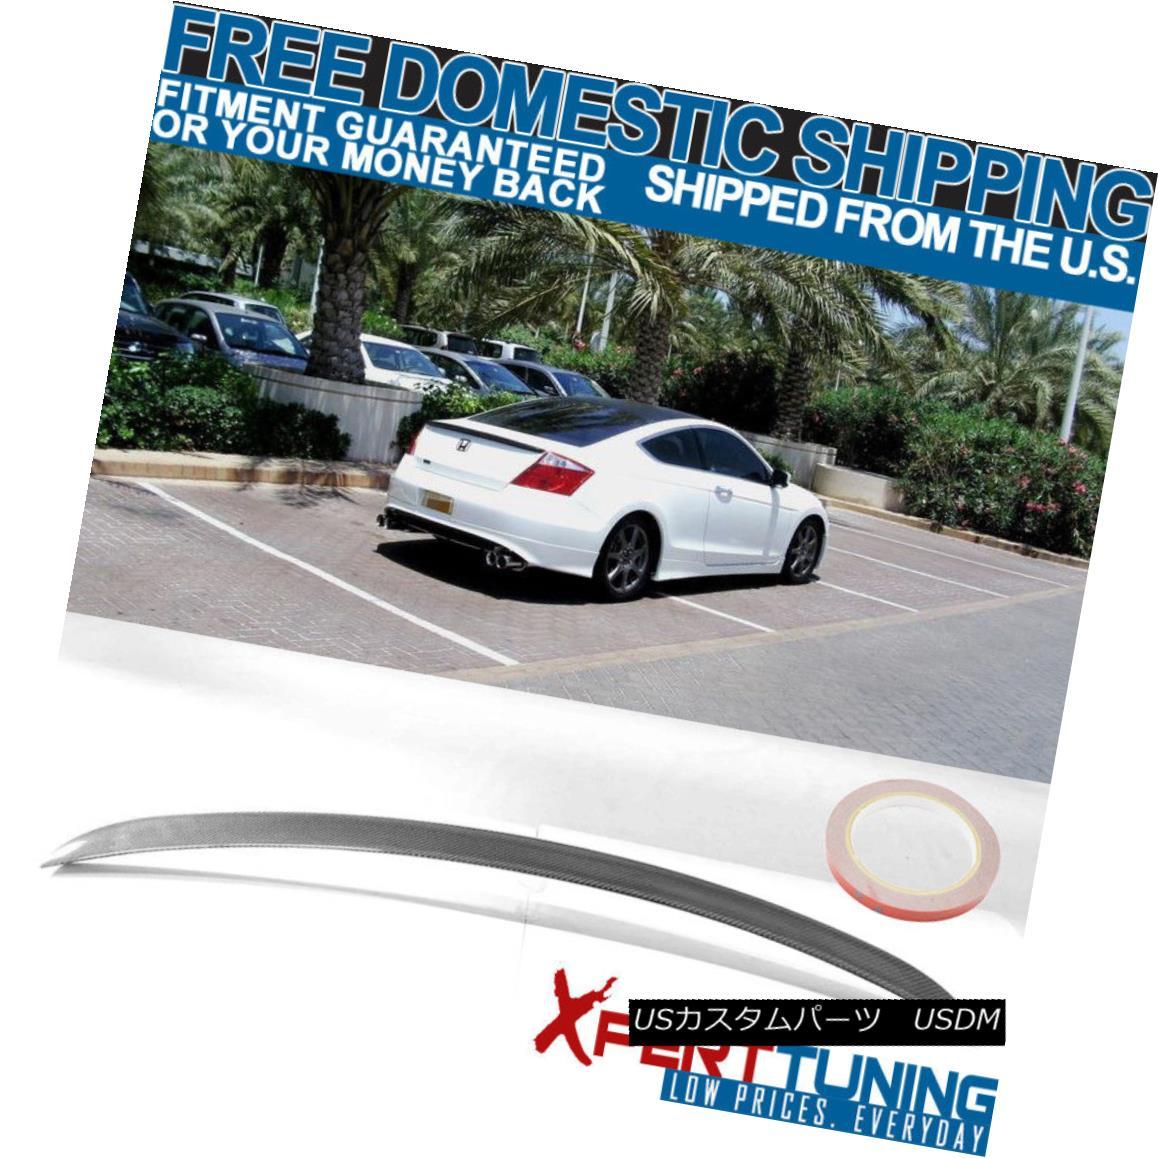 エアロパーツ 08-12 Honda Accord 2Dr OE Factory Style CF Carbon Fiber Trunk Spoiler 08-12 Honda Accord 2Dr OEファクトリースタイルCFカーボンファイバートランク・スポイラー